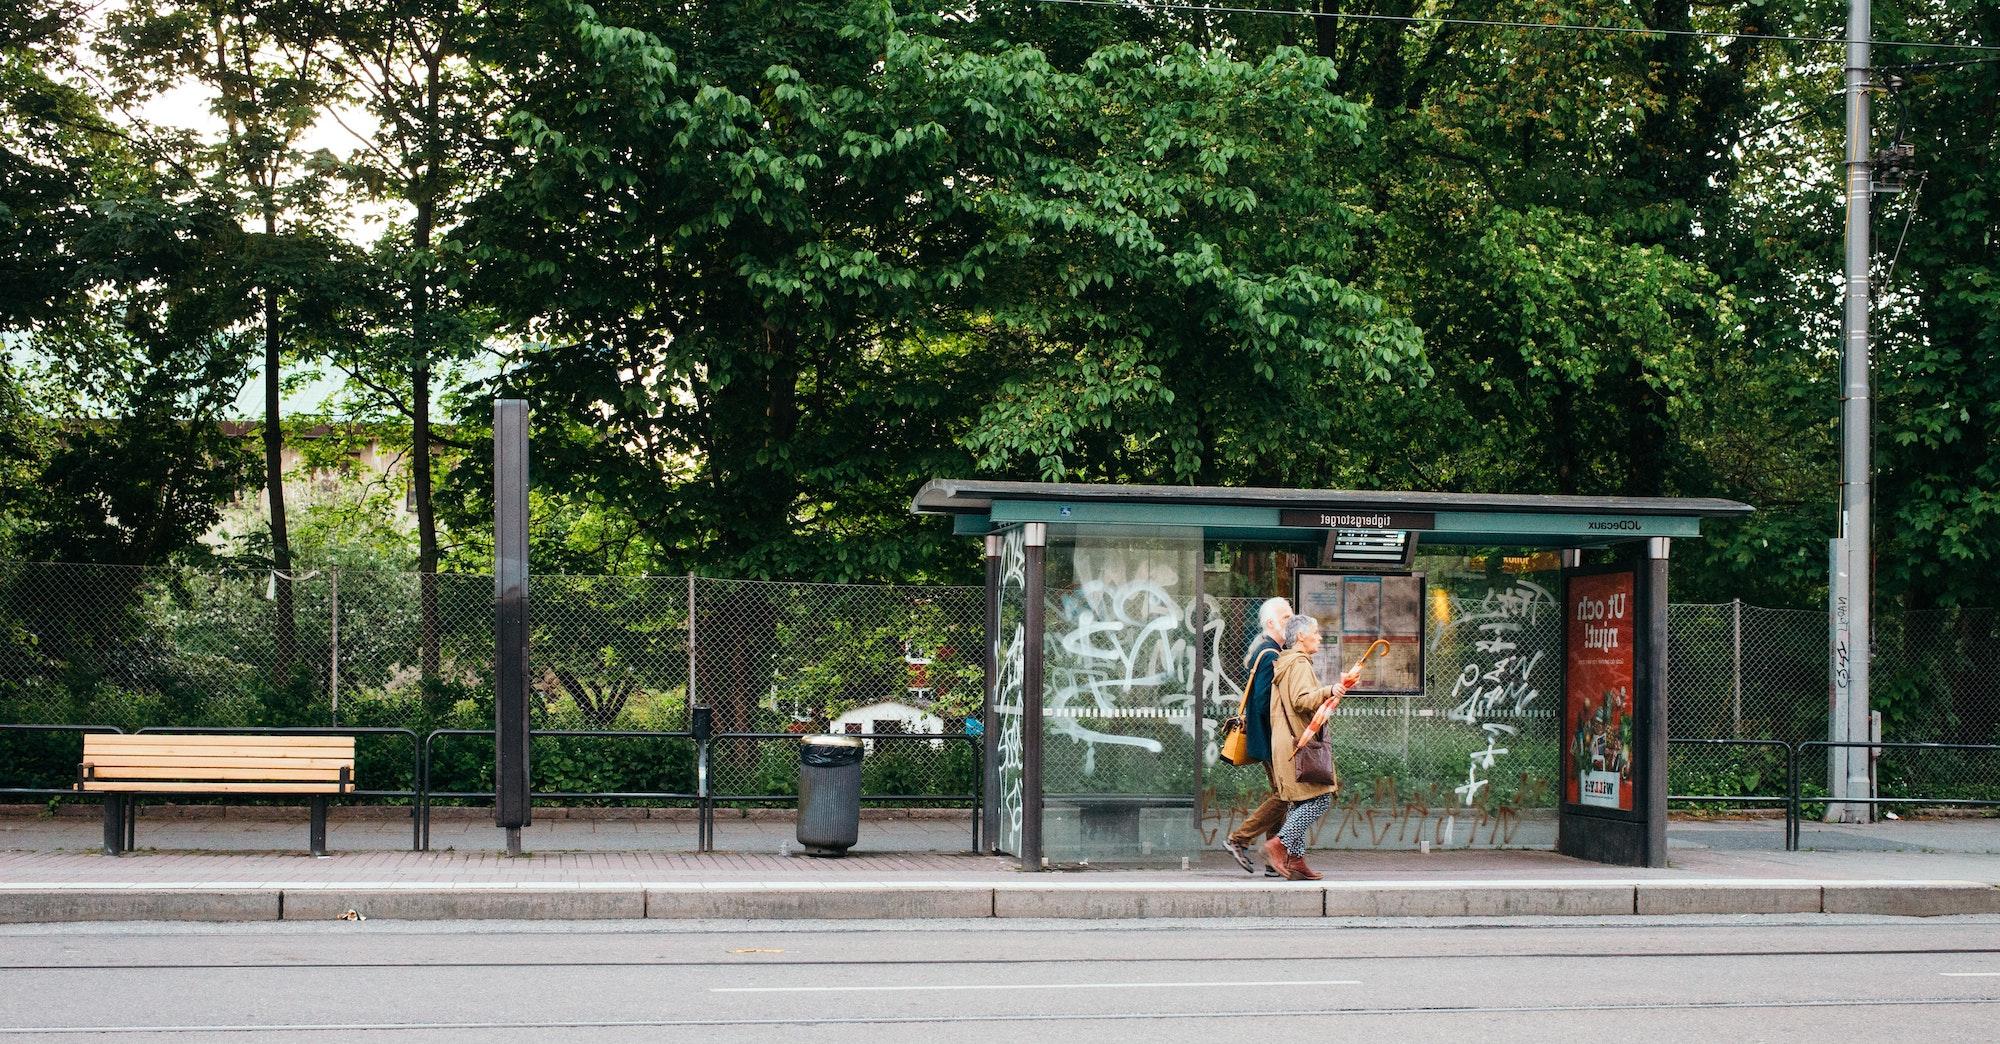 To ældre personer går forbi et busstoppested, der har en høj kantsten ud til busbanen